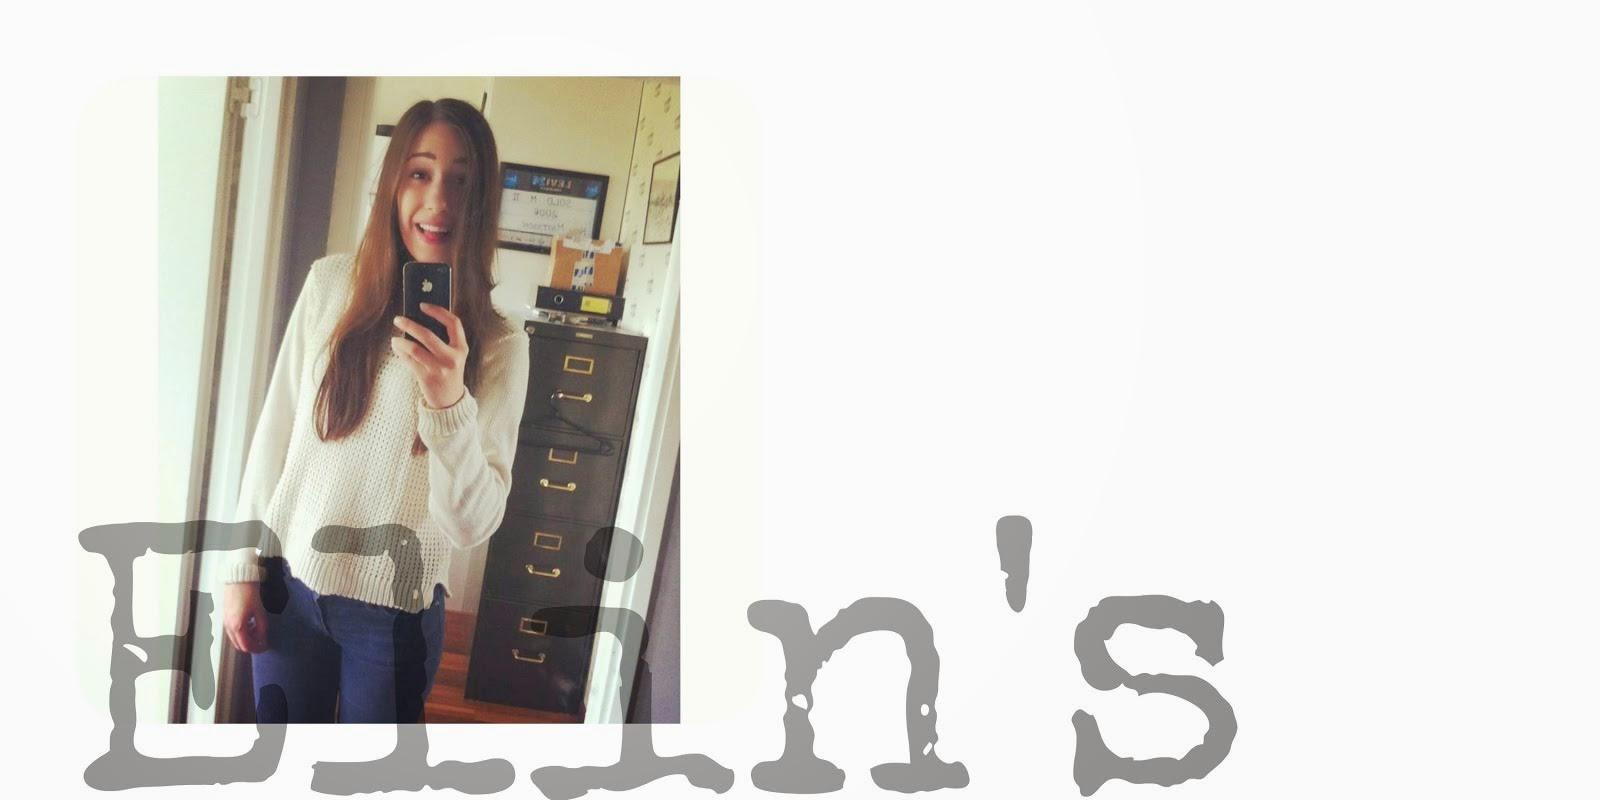 Elin's